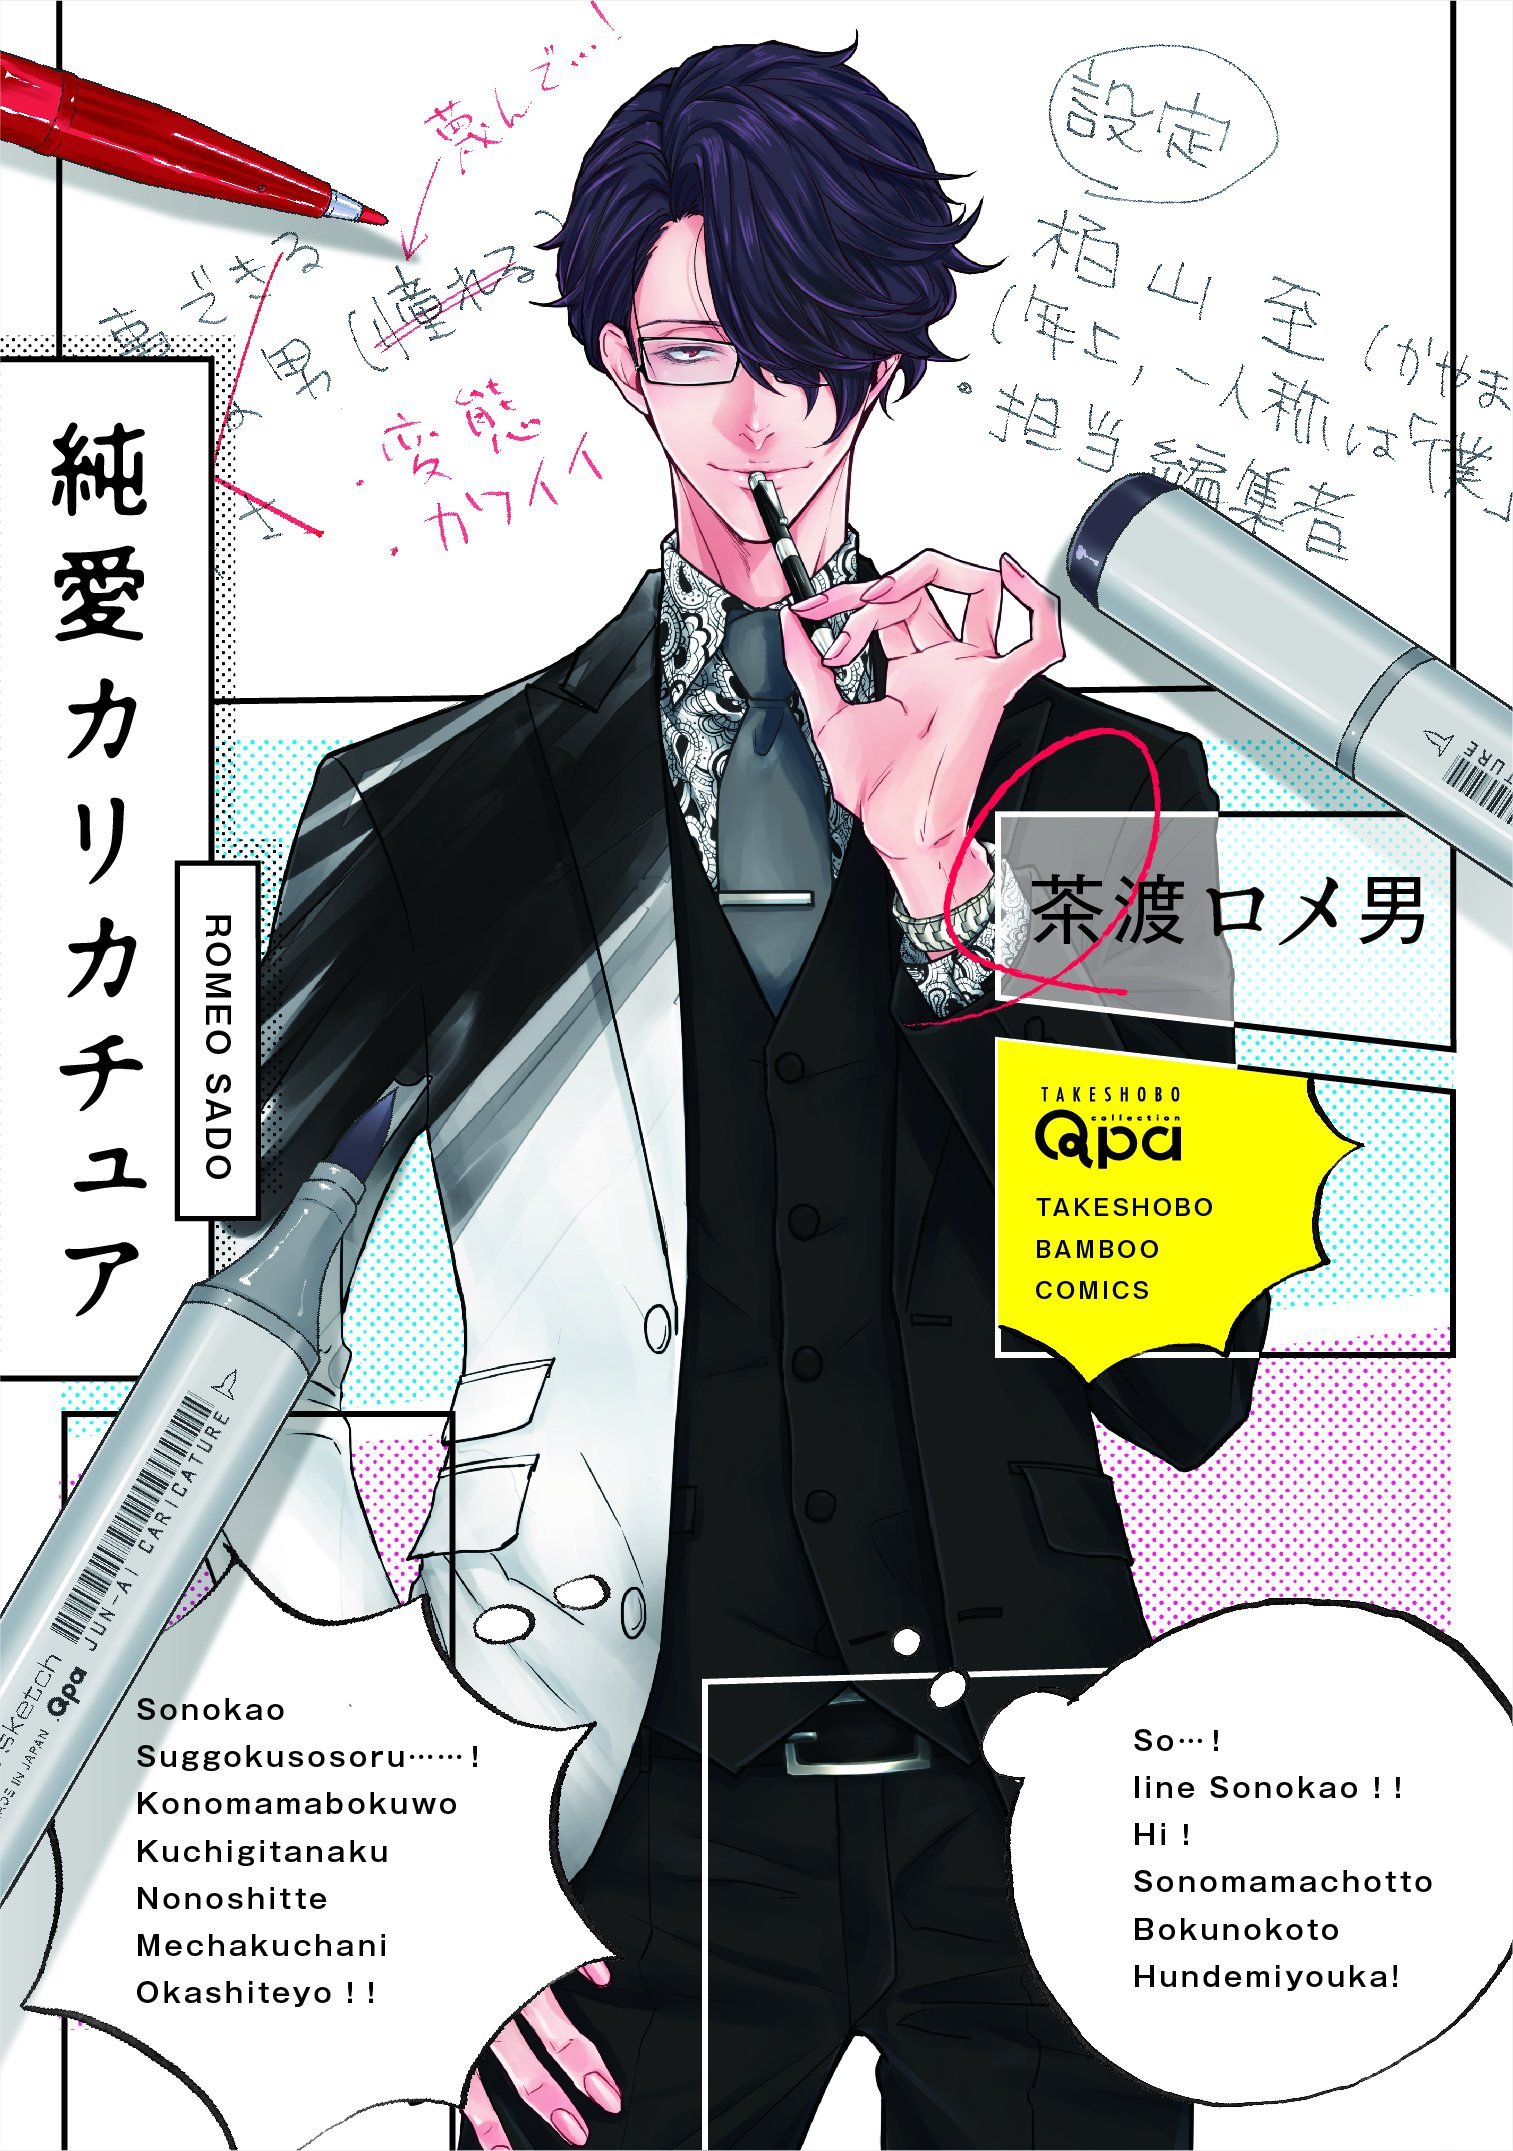 純愛カリカチュア (バンブーコミックス Qpaコレクション)